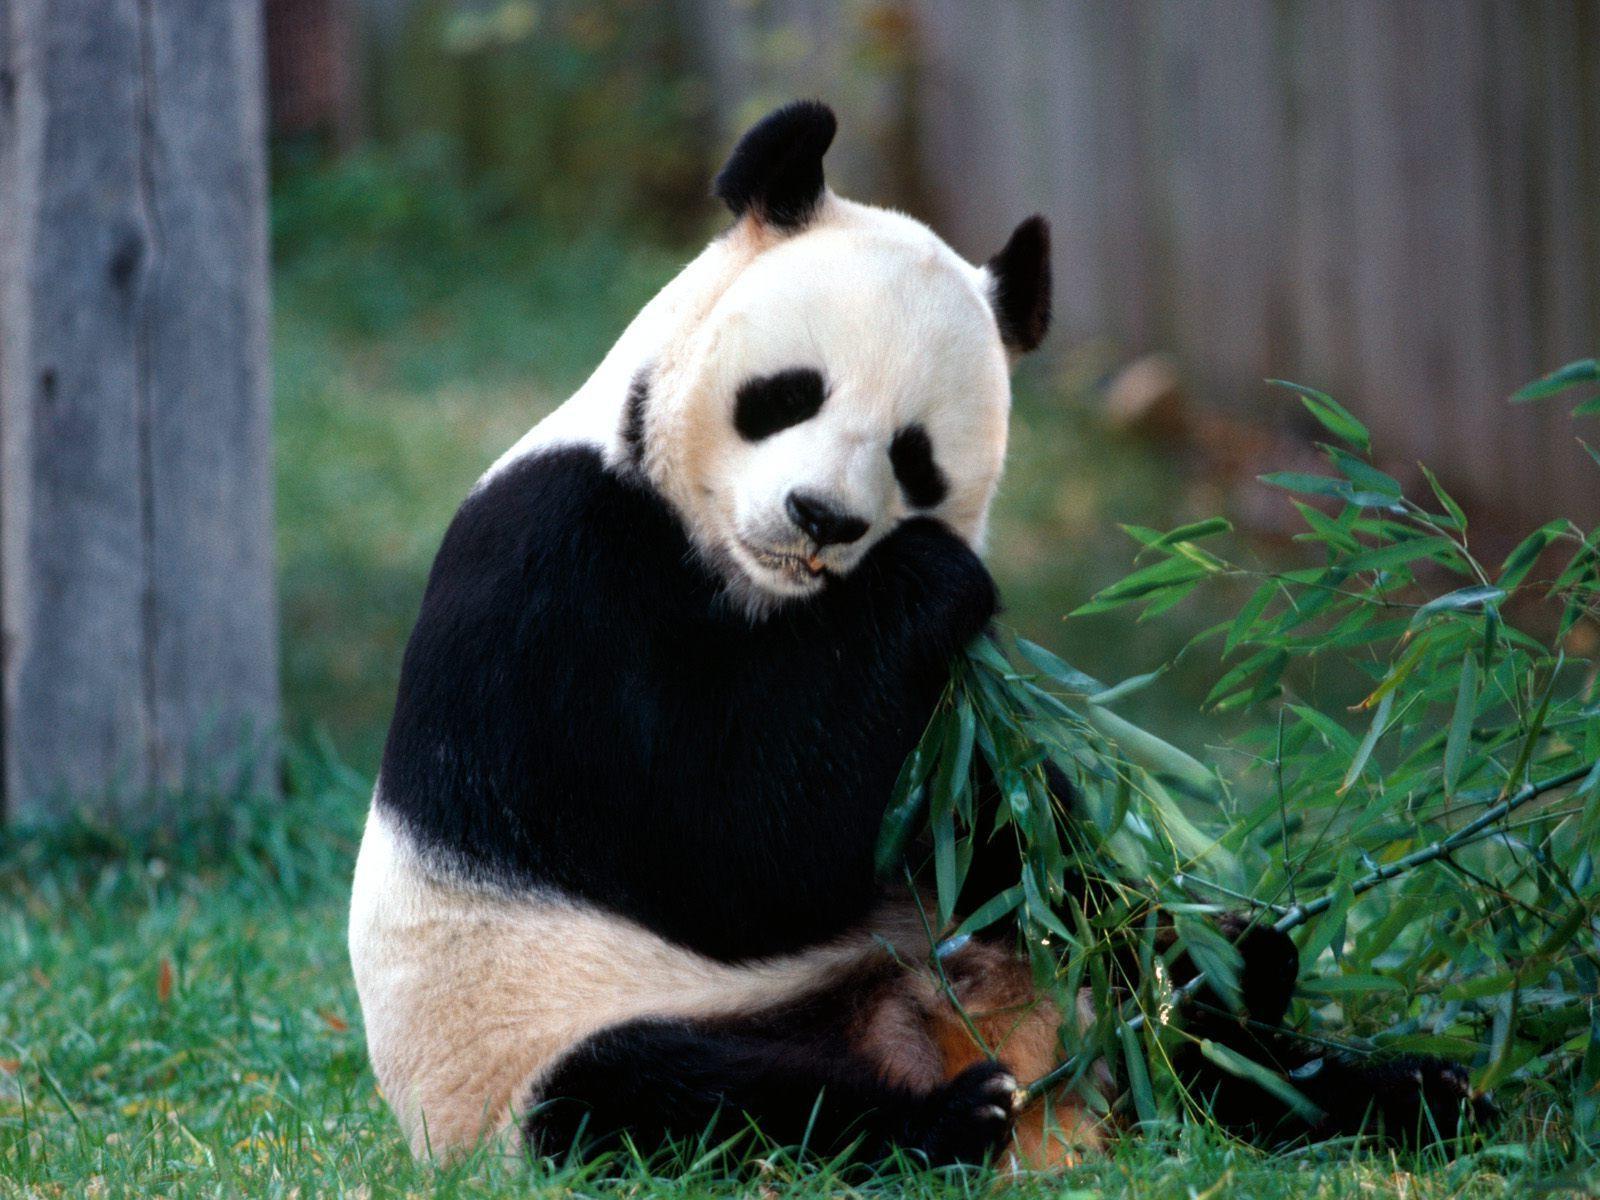 imagenes animales en alta definicion imagen oso panda comiendo. Black Bedroom Furniture Sets. Home Design Ideas